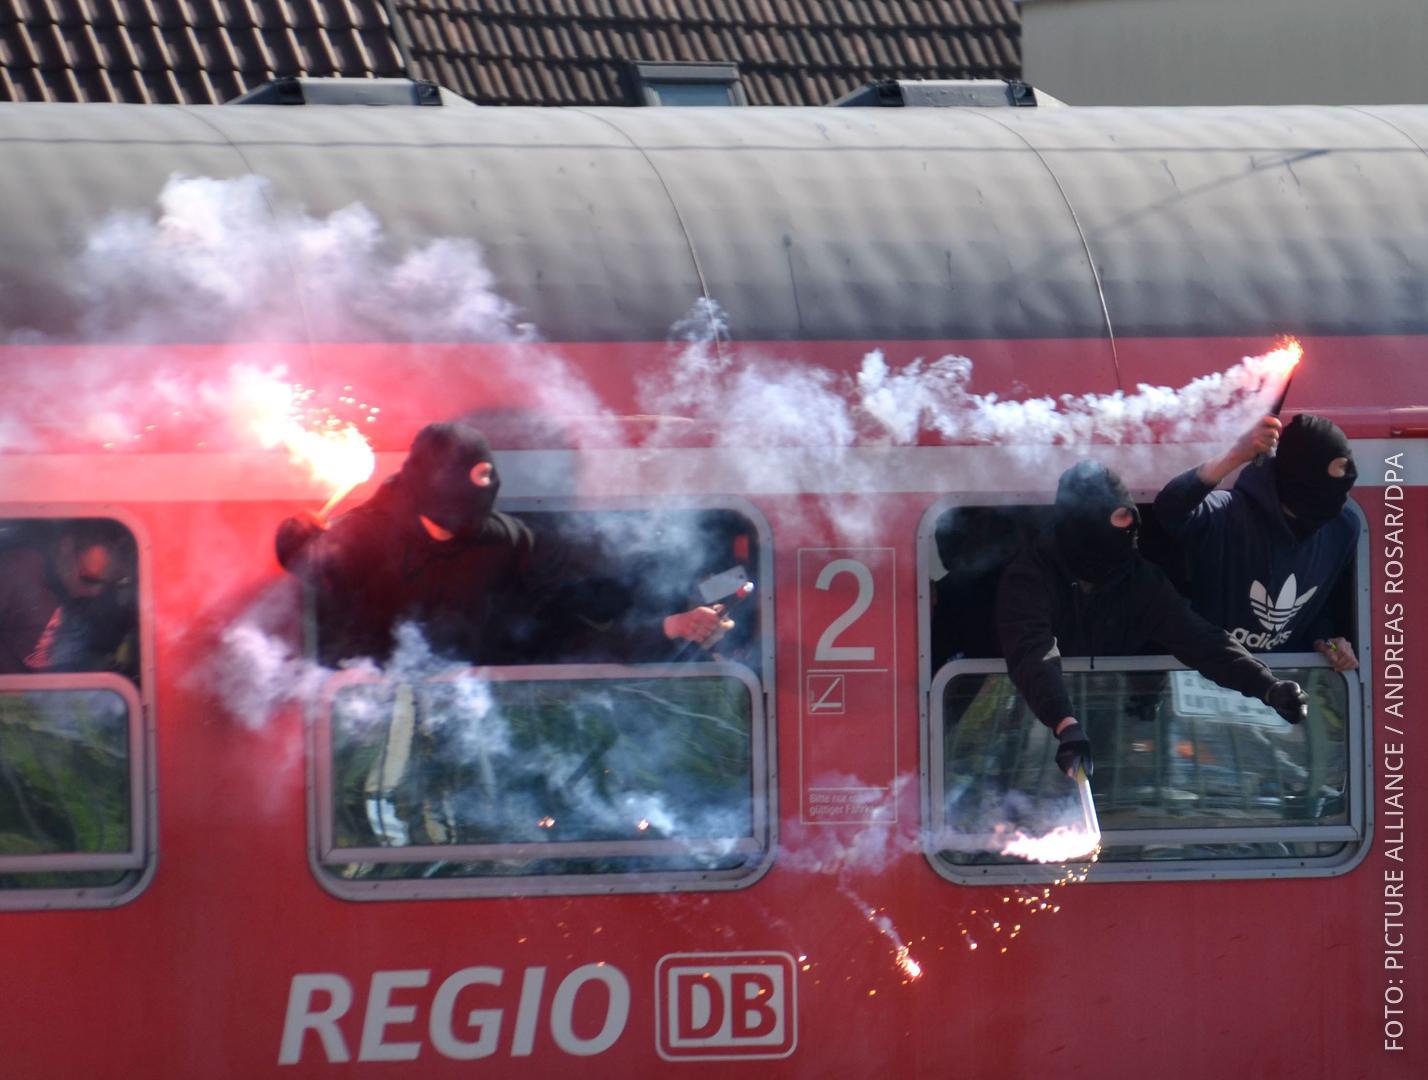 Vermummte Fußballfans schauen aus einem Regionalzug udn zündne Bengalos